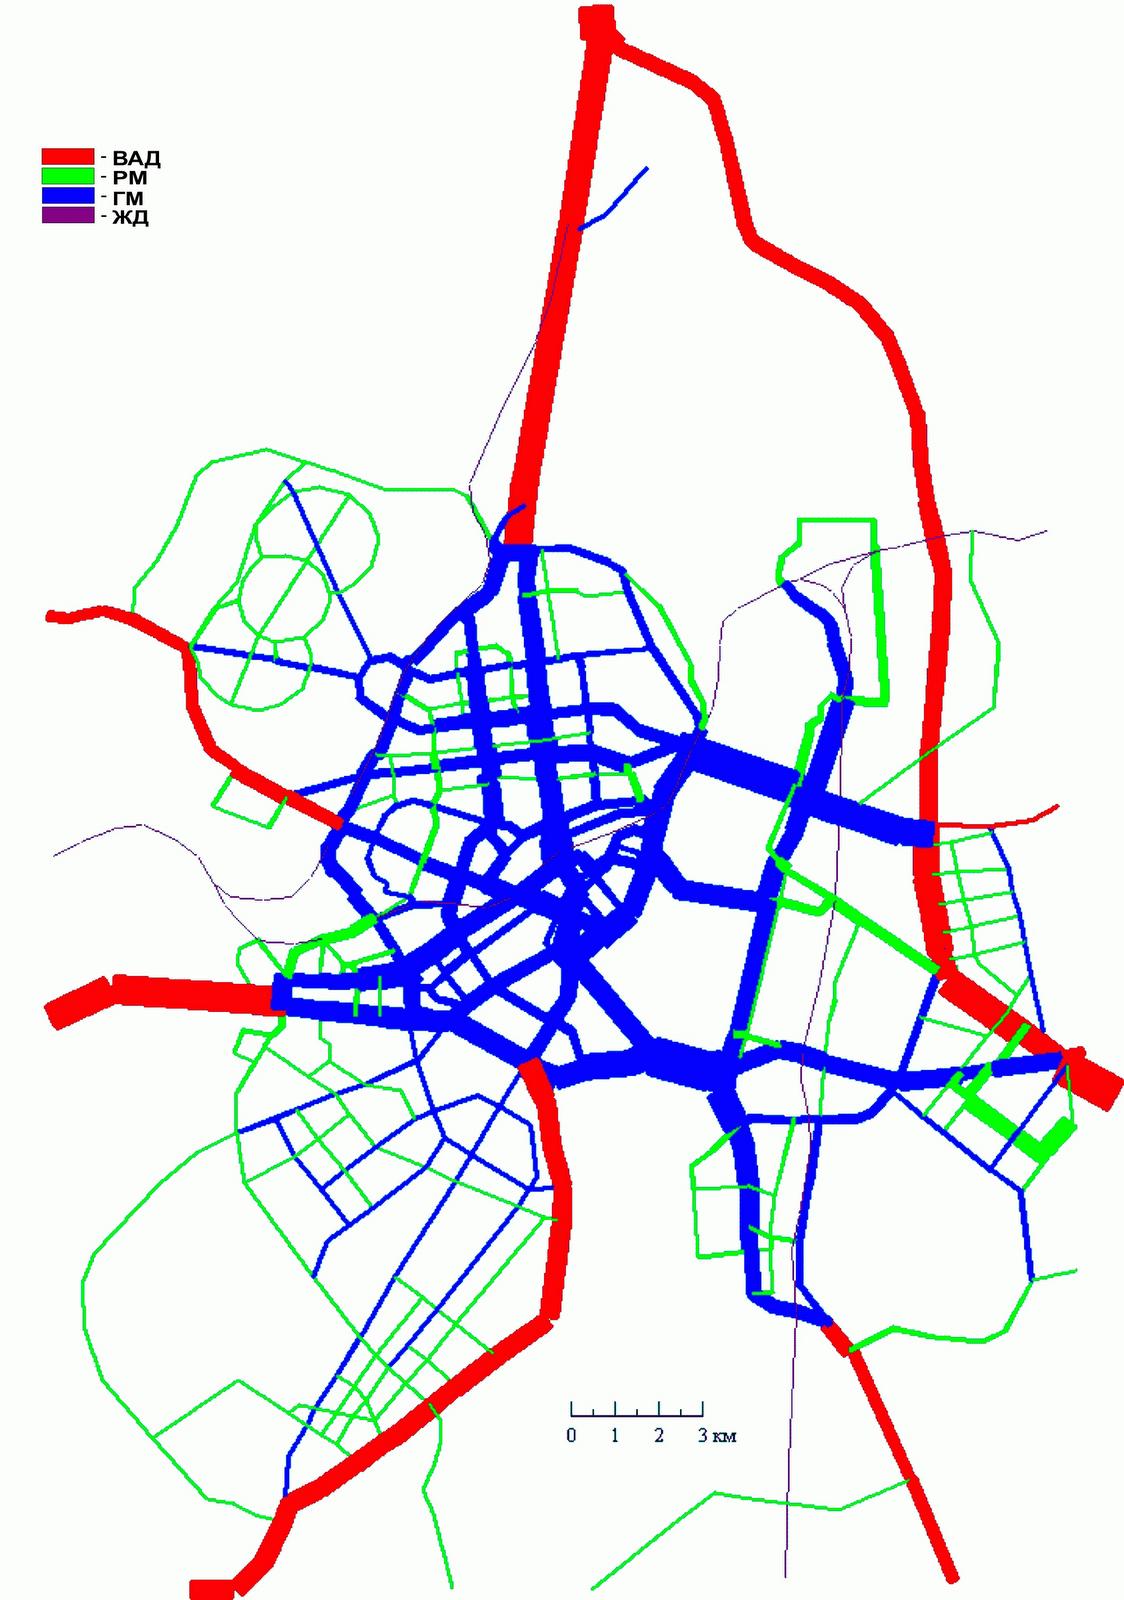 4. Вариант I. Схема МУДС совмещенная с картограммой автомобилепотоков по категориям магистральных улиц с малодифференцированными скоростями движения